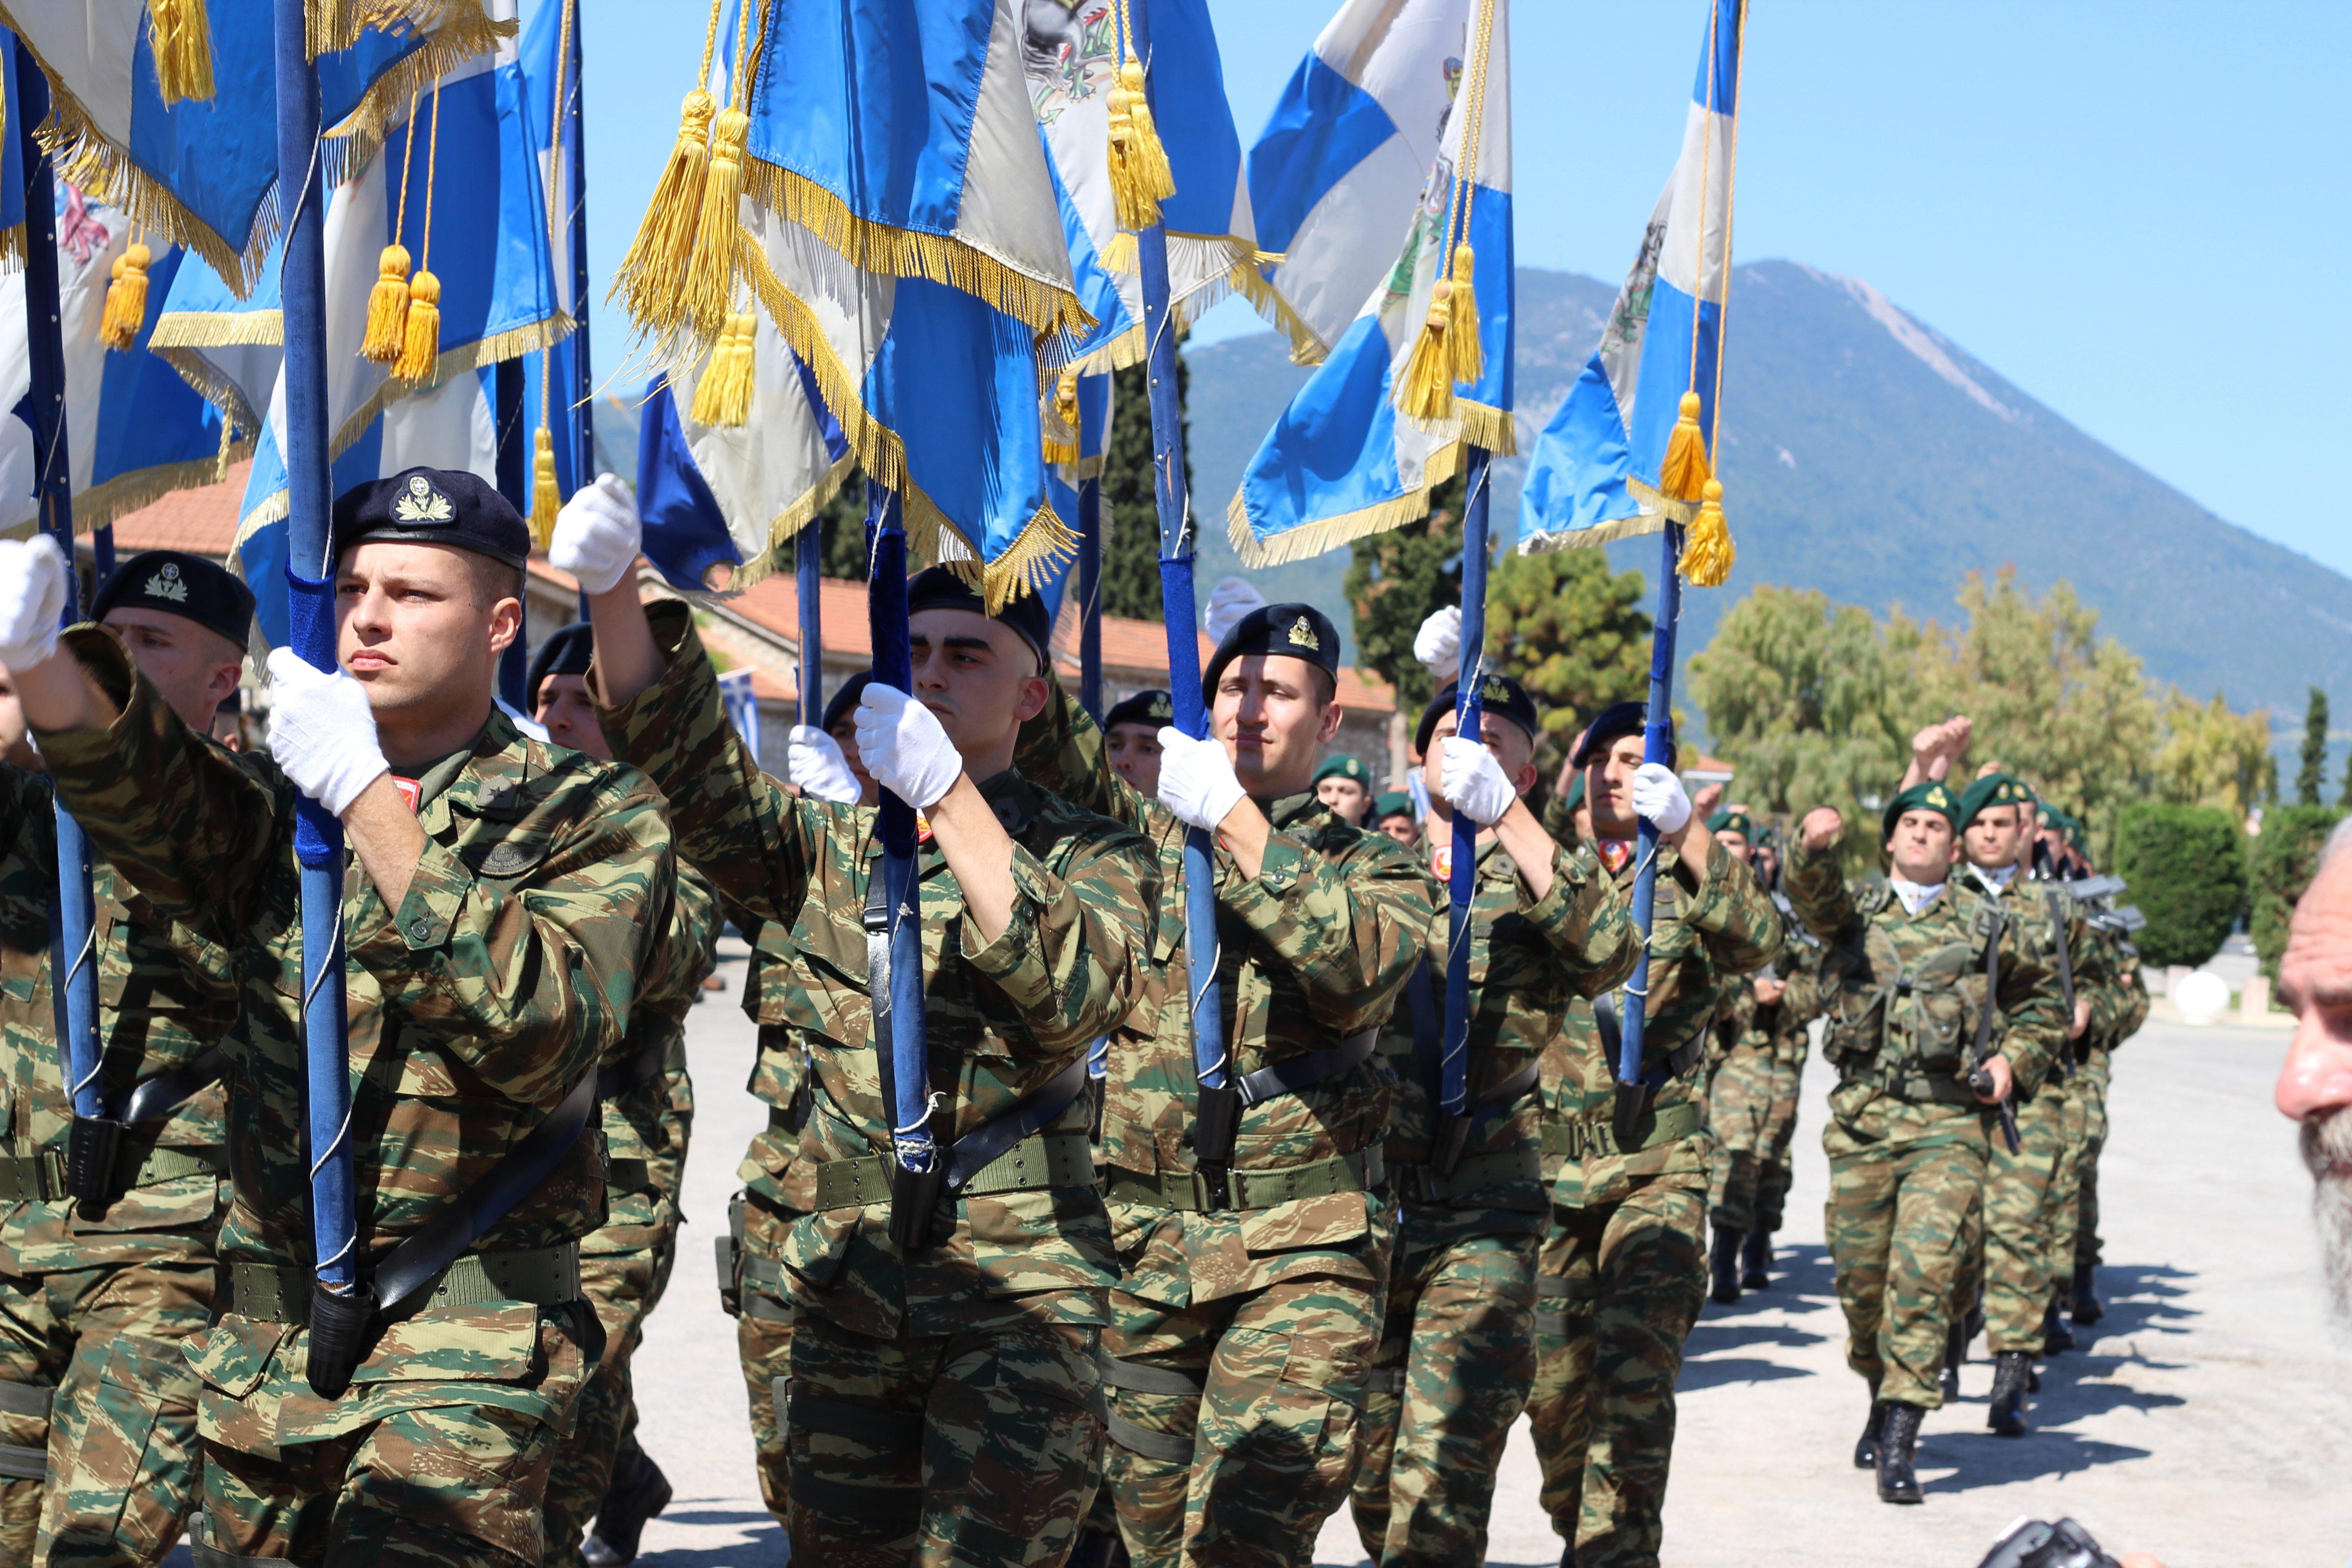 Μεταθέσεις 2019: Στρατός Ξηράς - Ποιες κοινοποιούνται Σήμερα